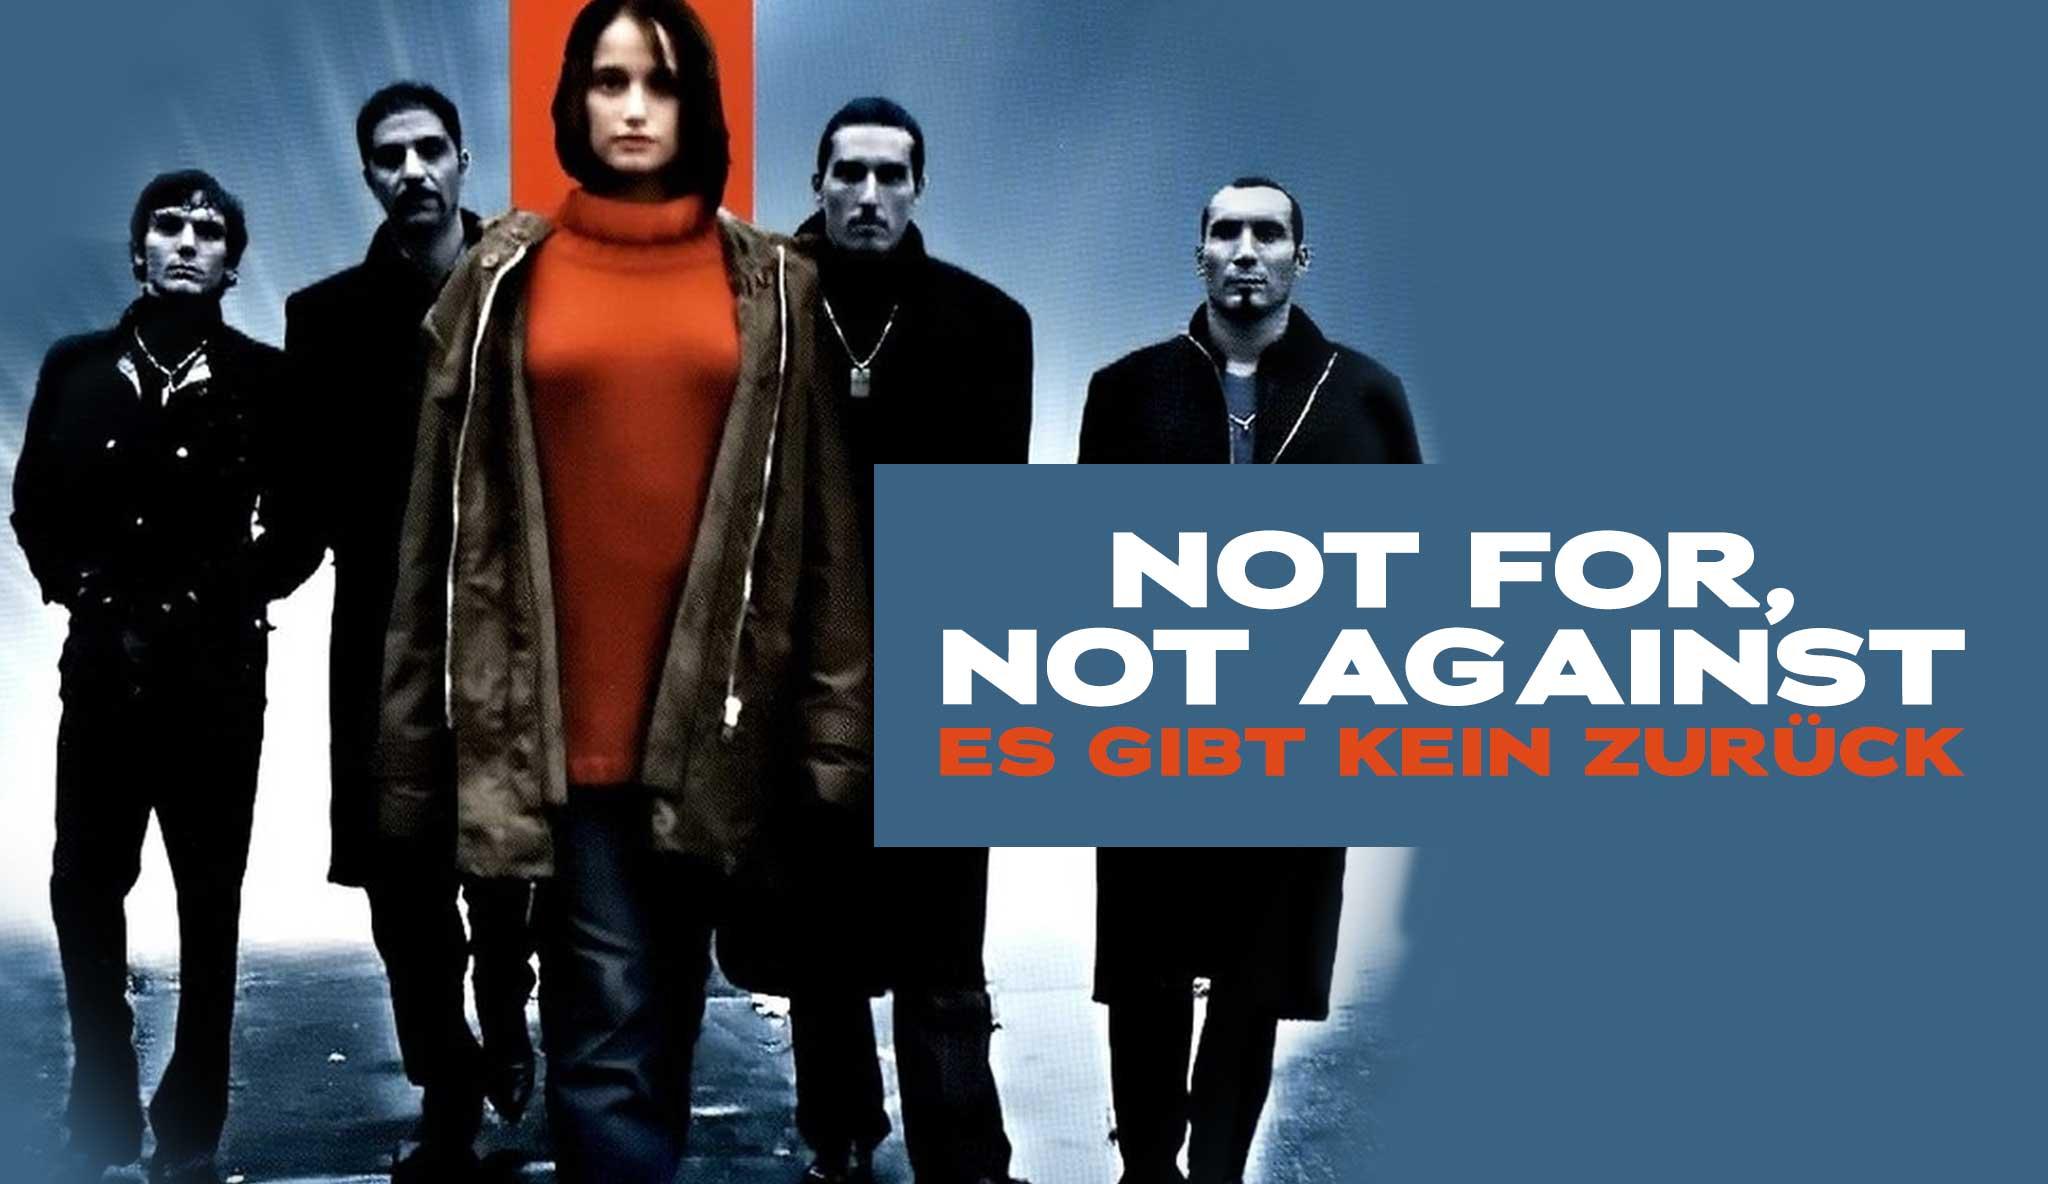 not-for-not-against-es-gibt-kein-zuruck\header.jpg